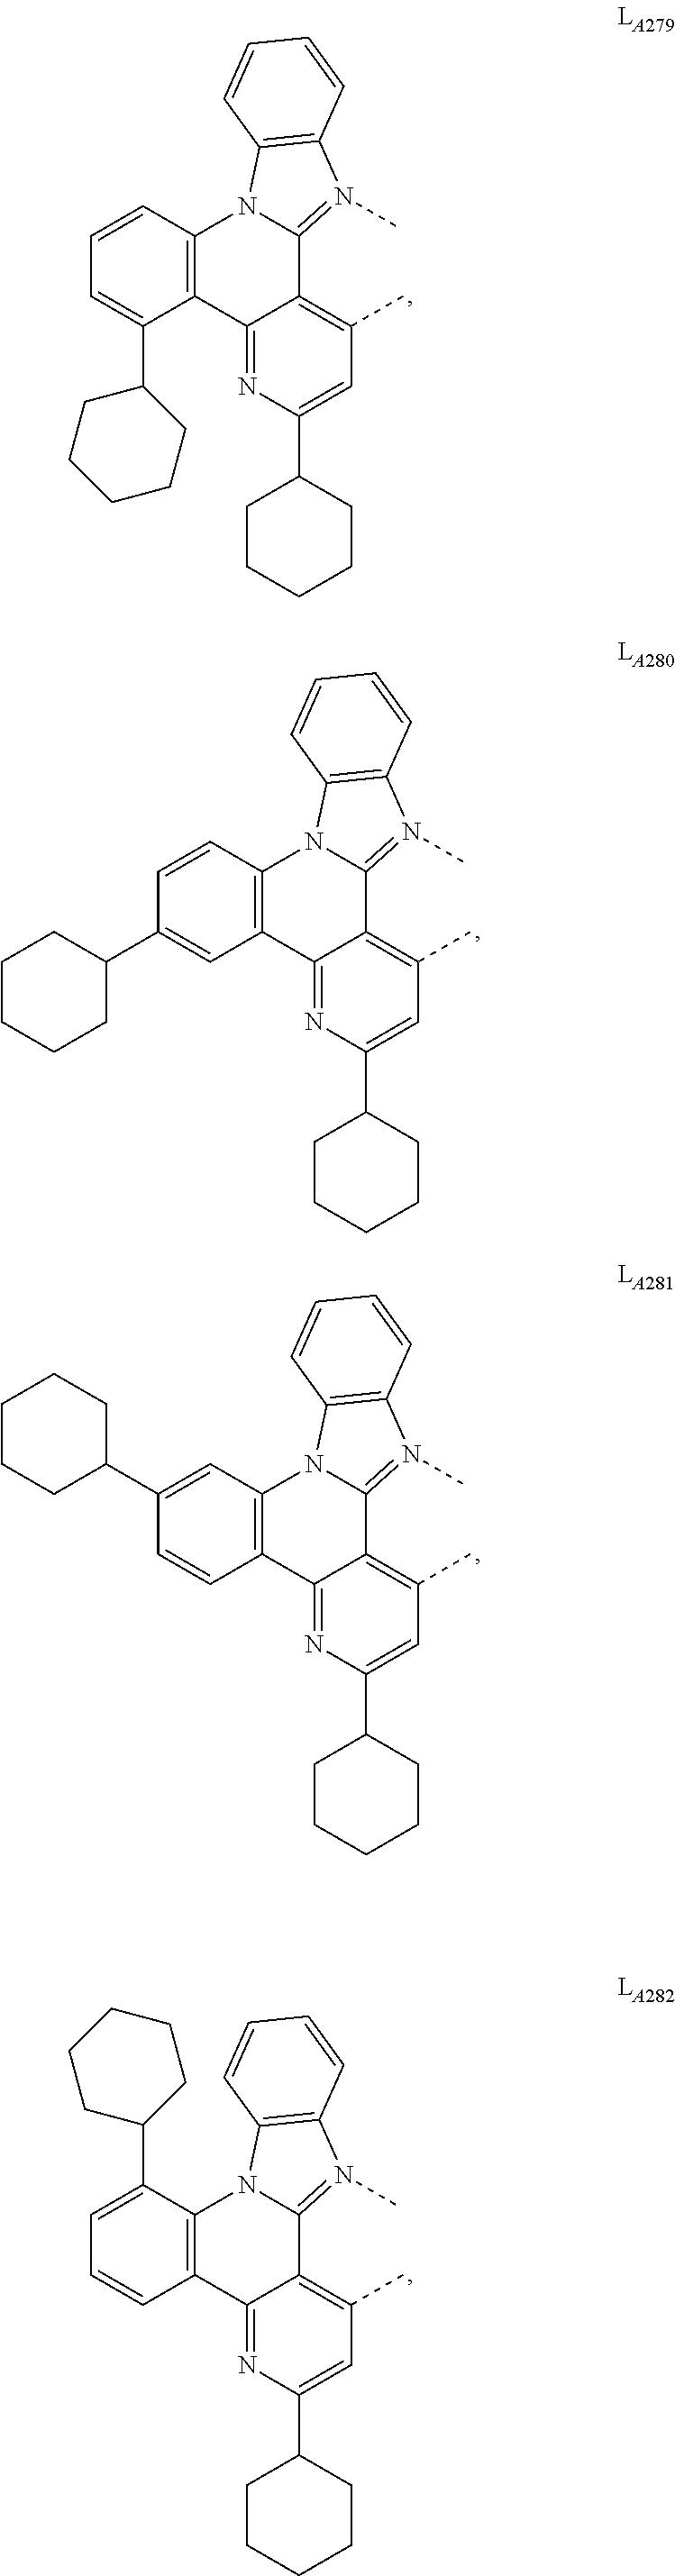 Figure US09905785-20180227-C00090